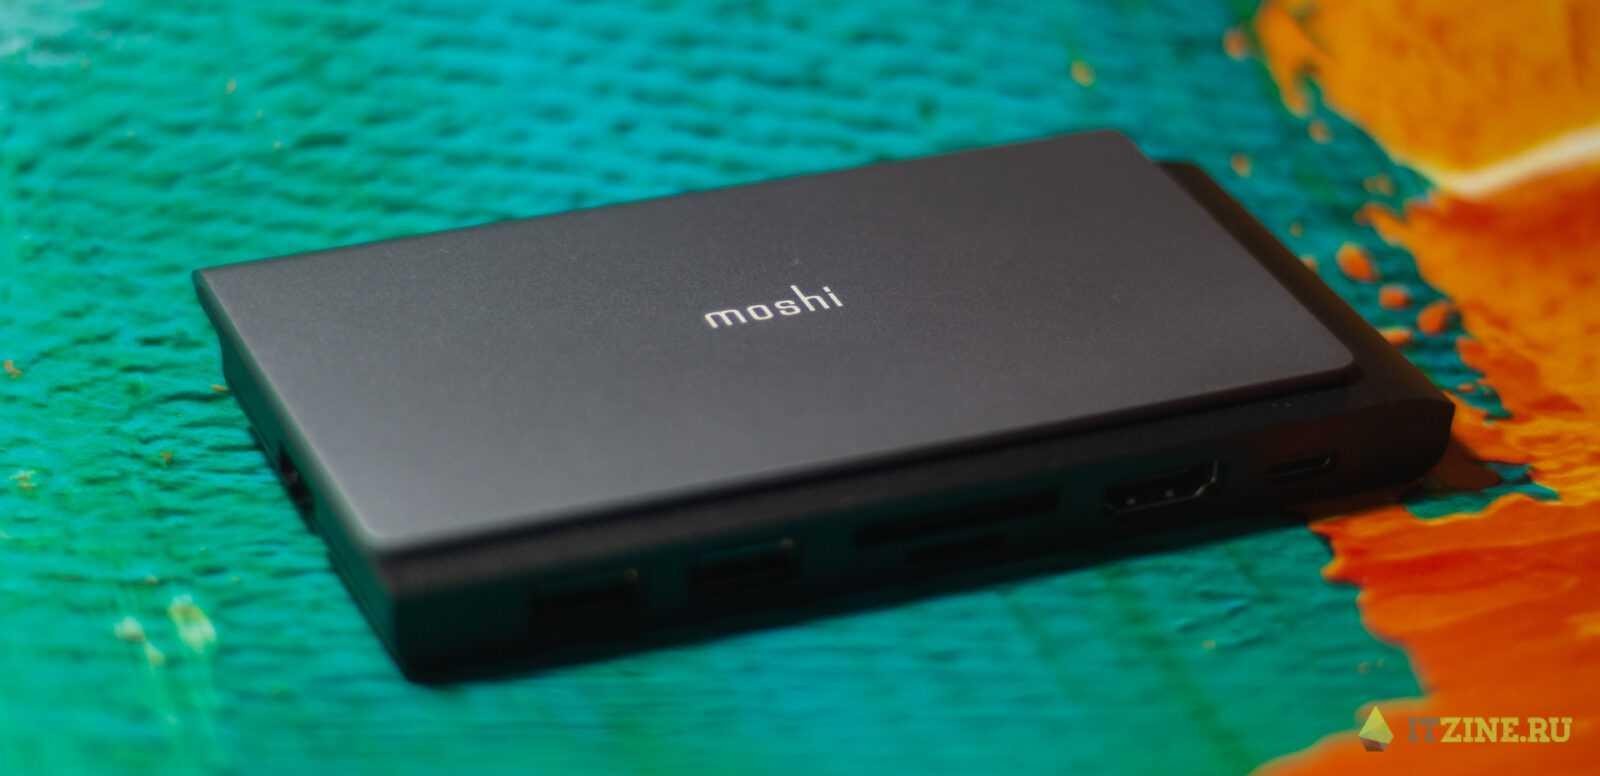 Обзор Moshi Symbus Mini: хаб для всех проводов и флешек (moshi symbus mini 08)